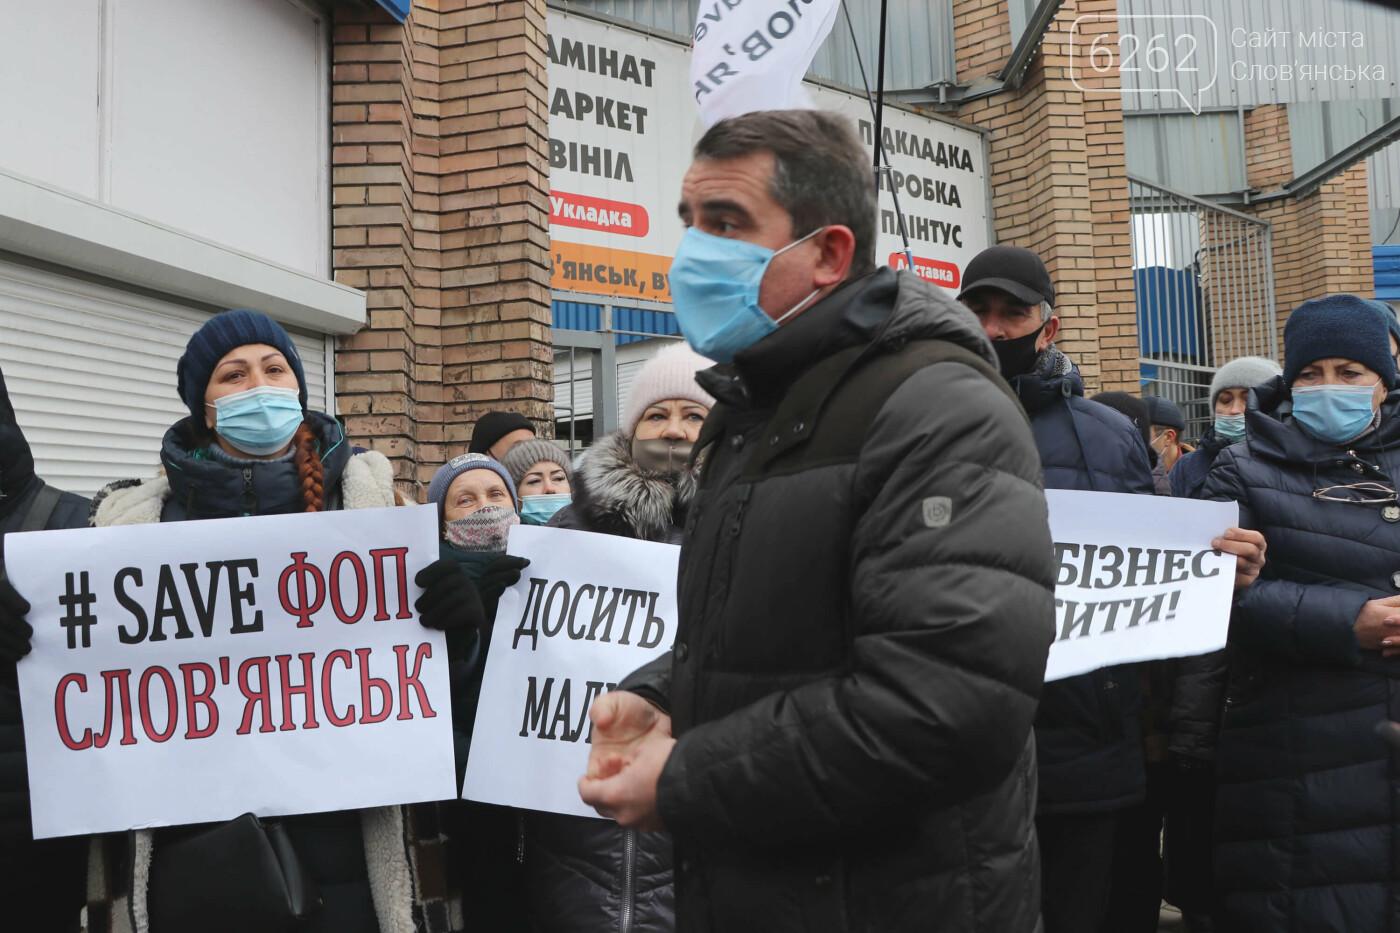 Save ФОП: у Слов'янську підприємці вийшли на мітинг - ФОТО, фото-7